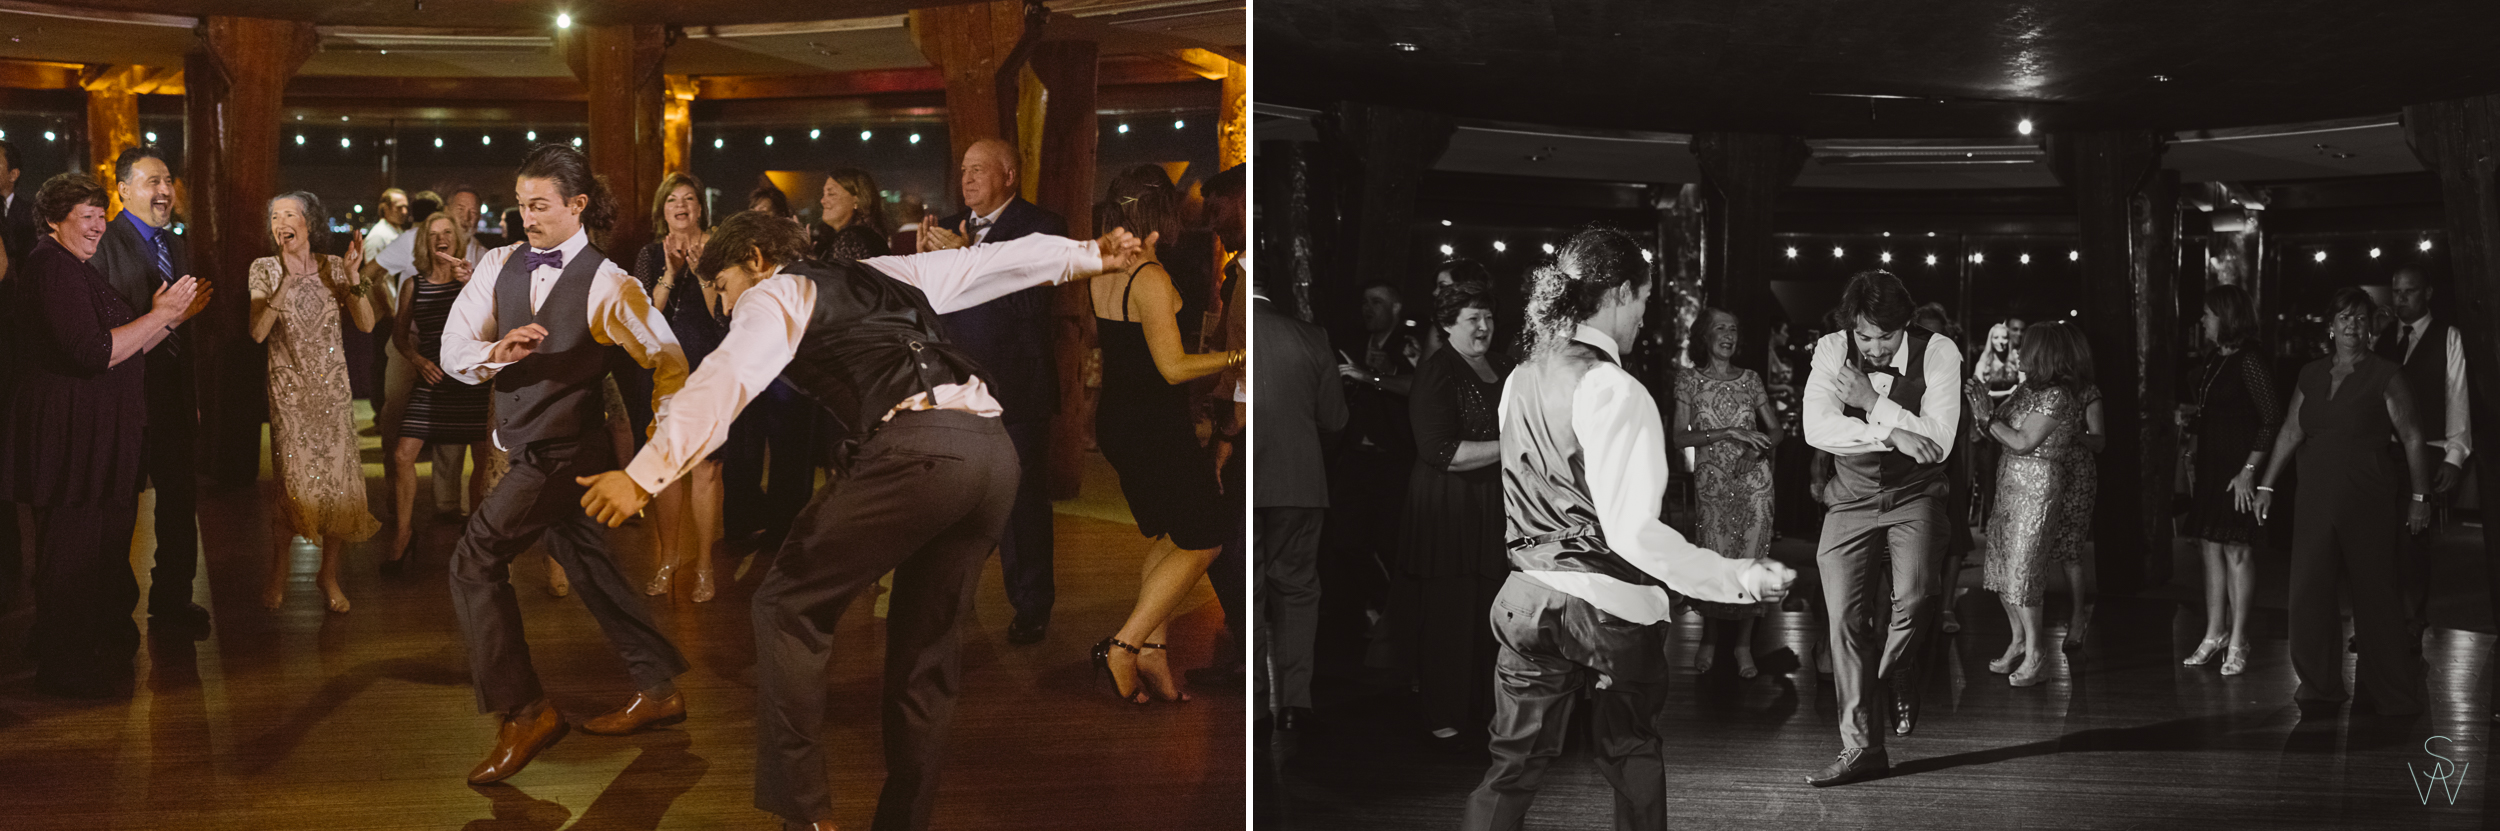 197San.diego.wedding.shewanders.photography.JPG